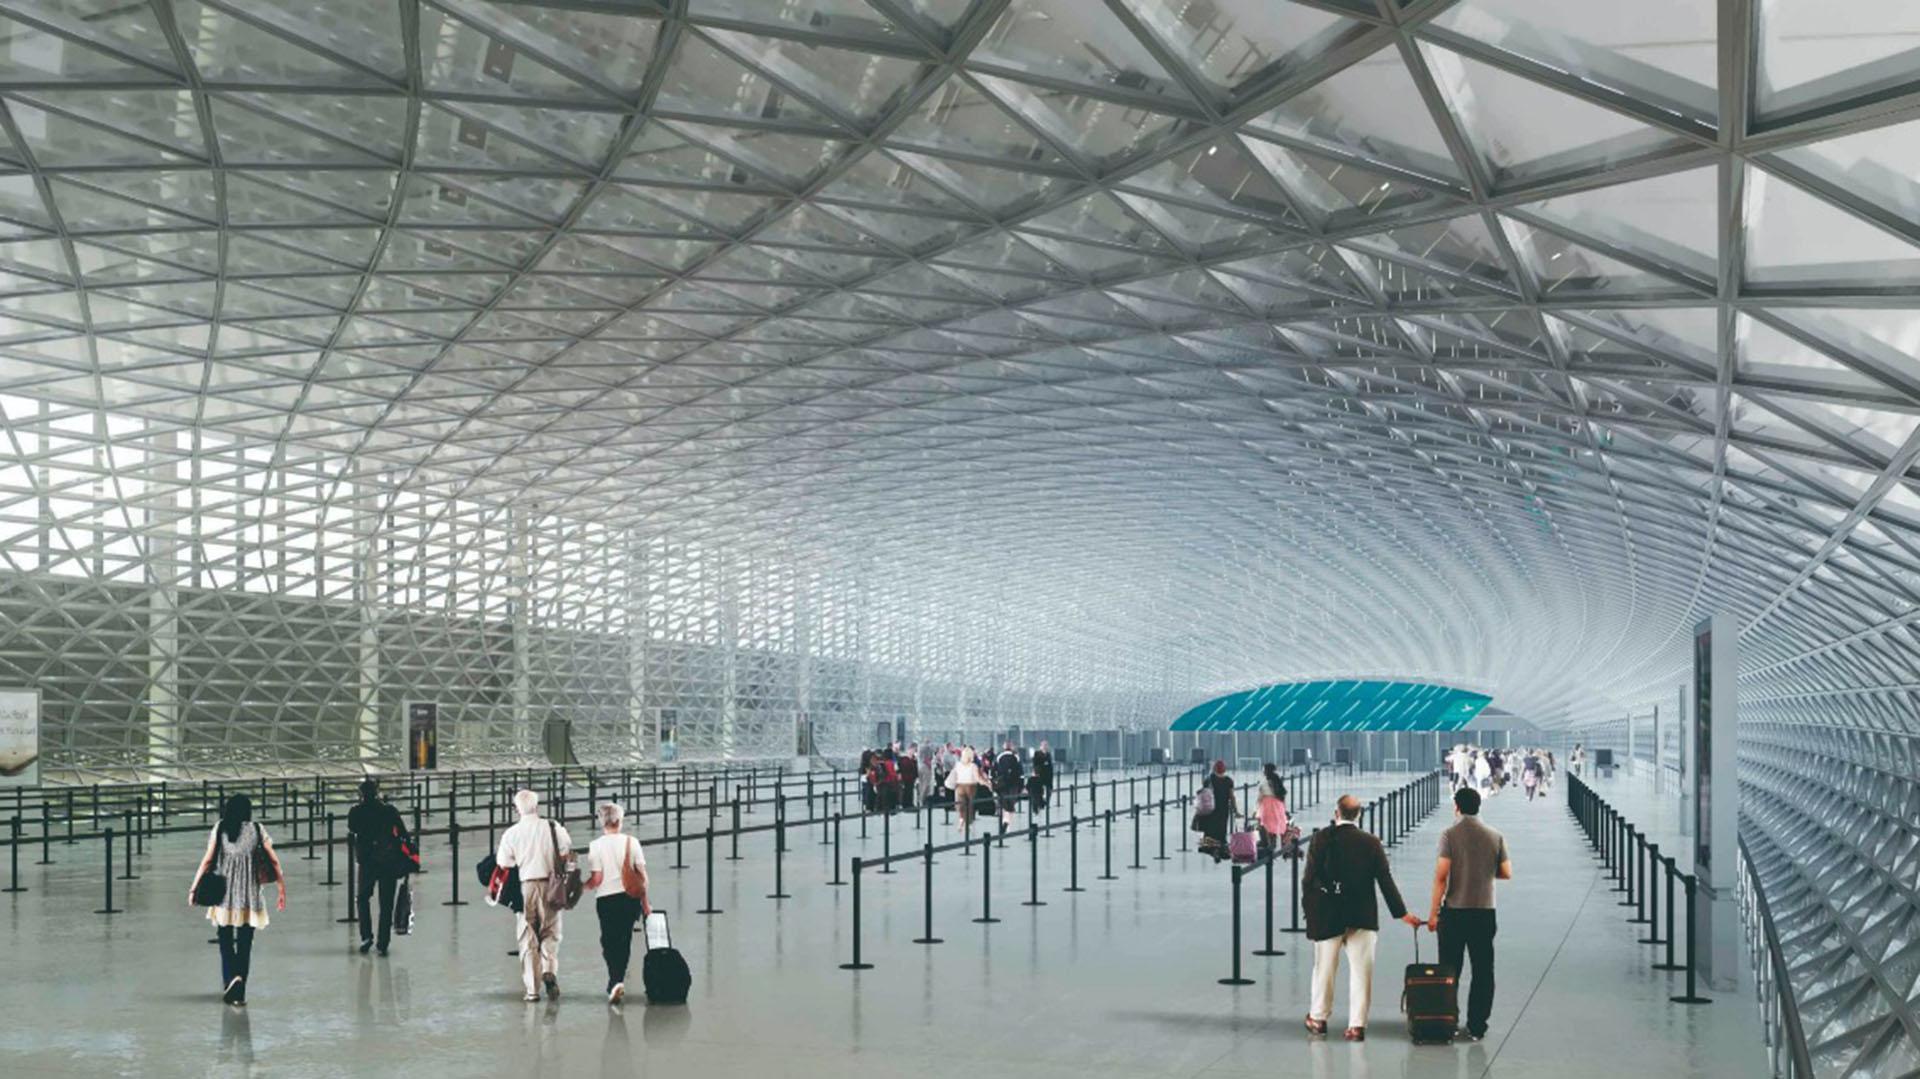 """En el hall de acceso principal, habrá pantallas led encima de las plataformas de check-in que podrá utilizar cualquier línea aérea. En las pantallas estarán pasando información en tiempo real para el pasajero: cuánto tiempo de demora tiene hasta el """"gate"""" o el clima del lugar de destino, entre otros datos de interés"""